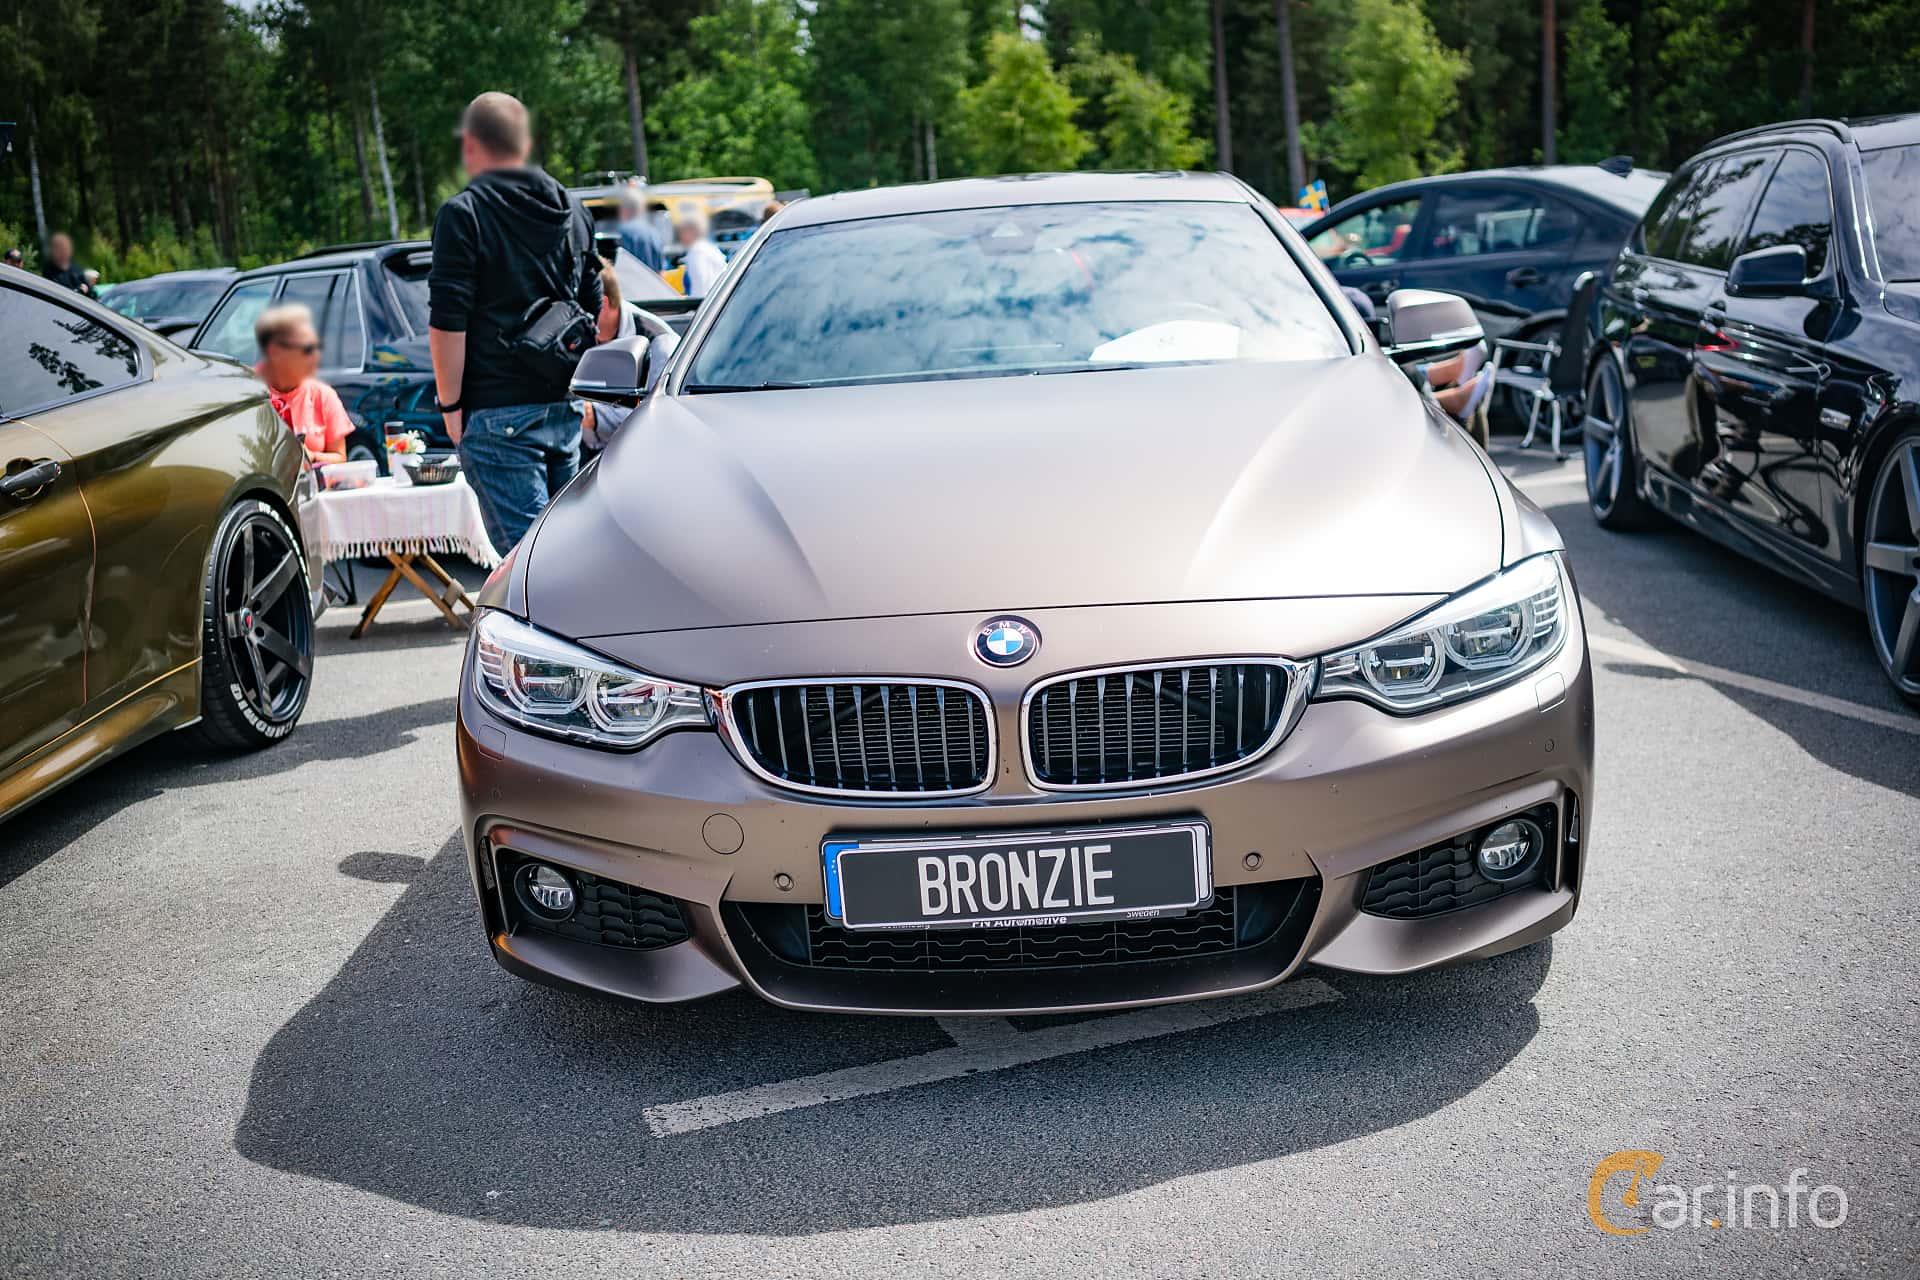 BMW 3 Series Sedan 2012 at Biltema Meet, Växjö 2018